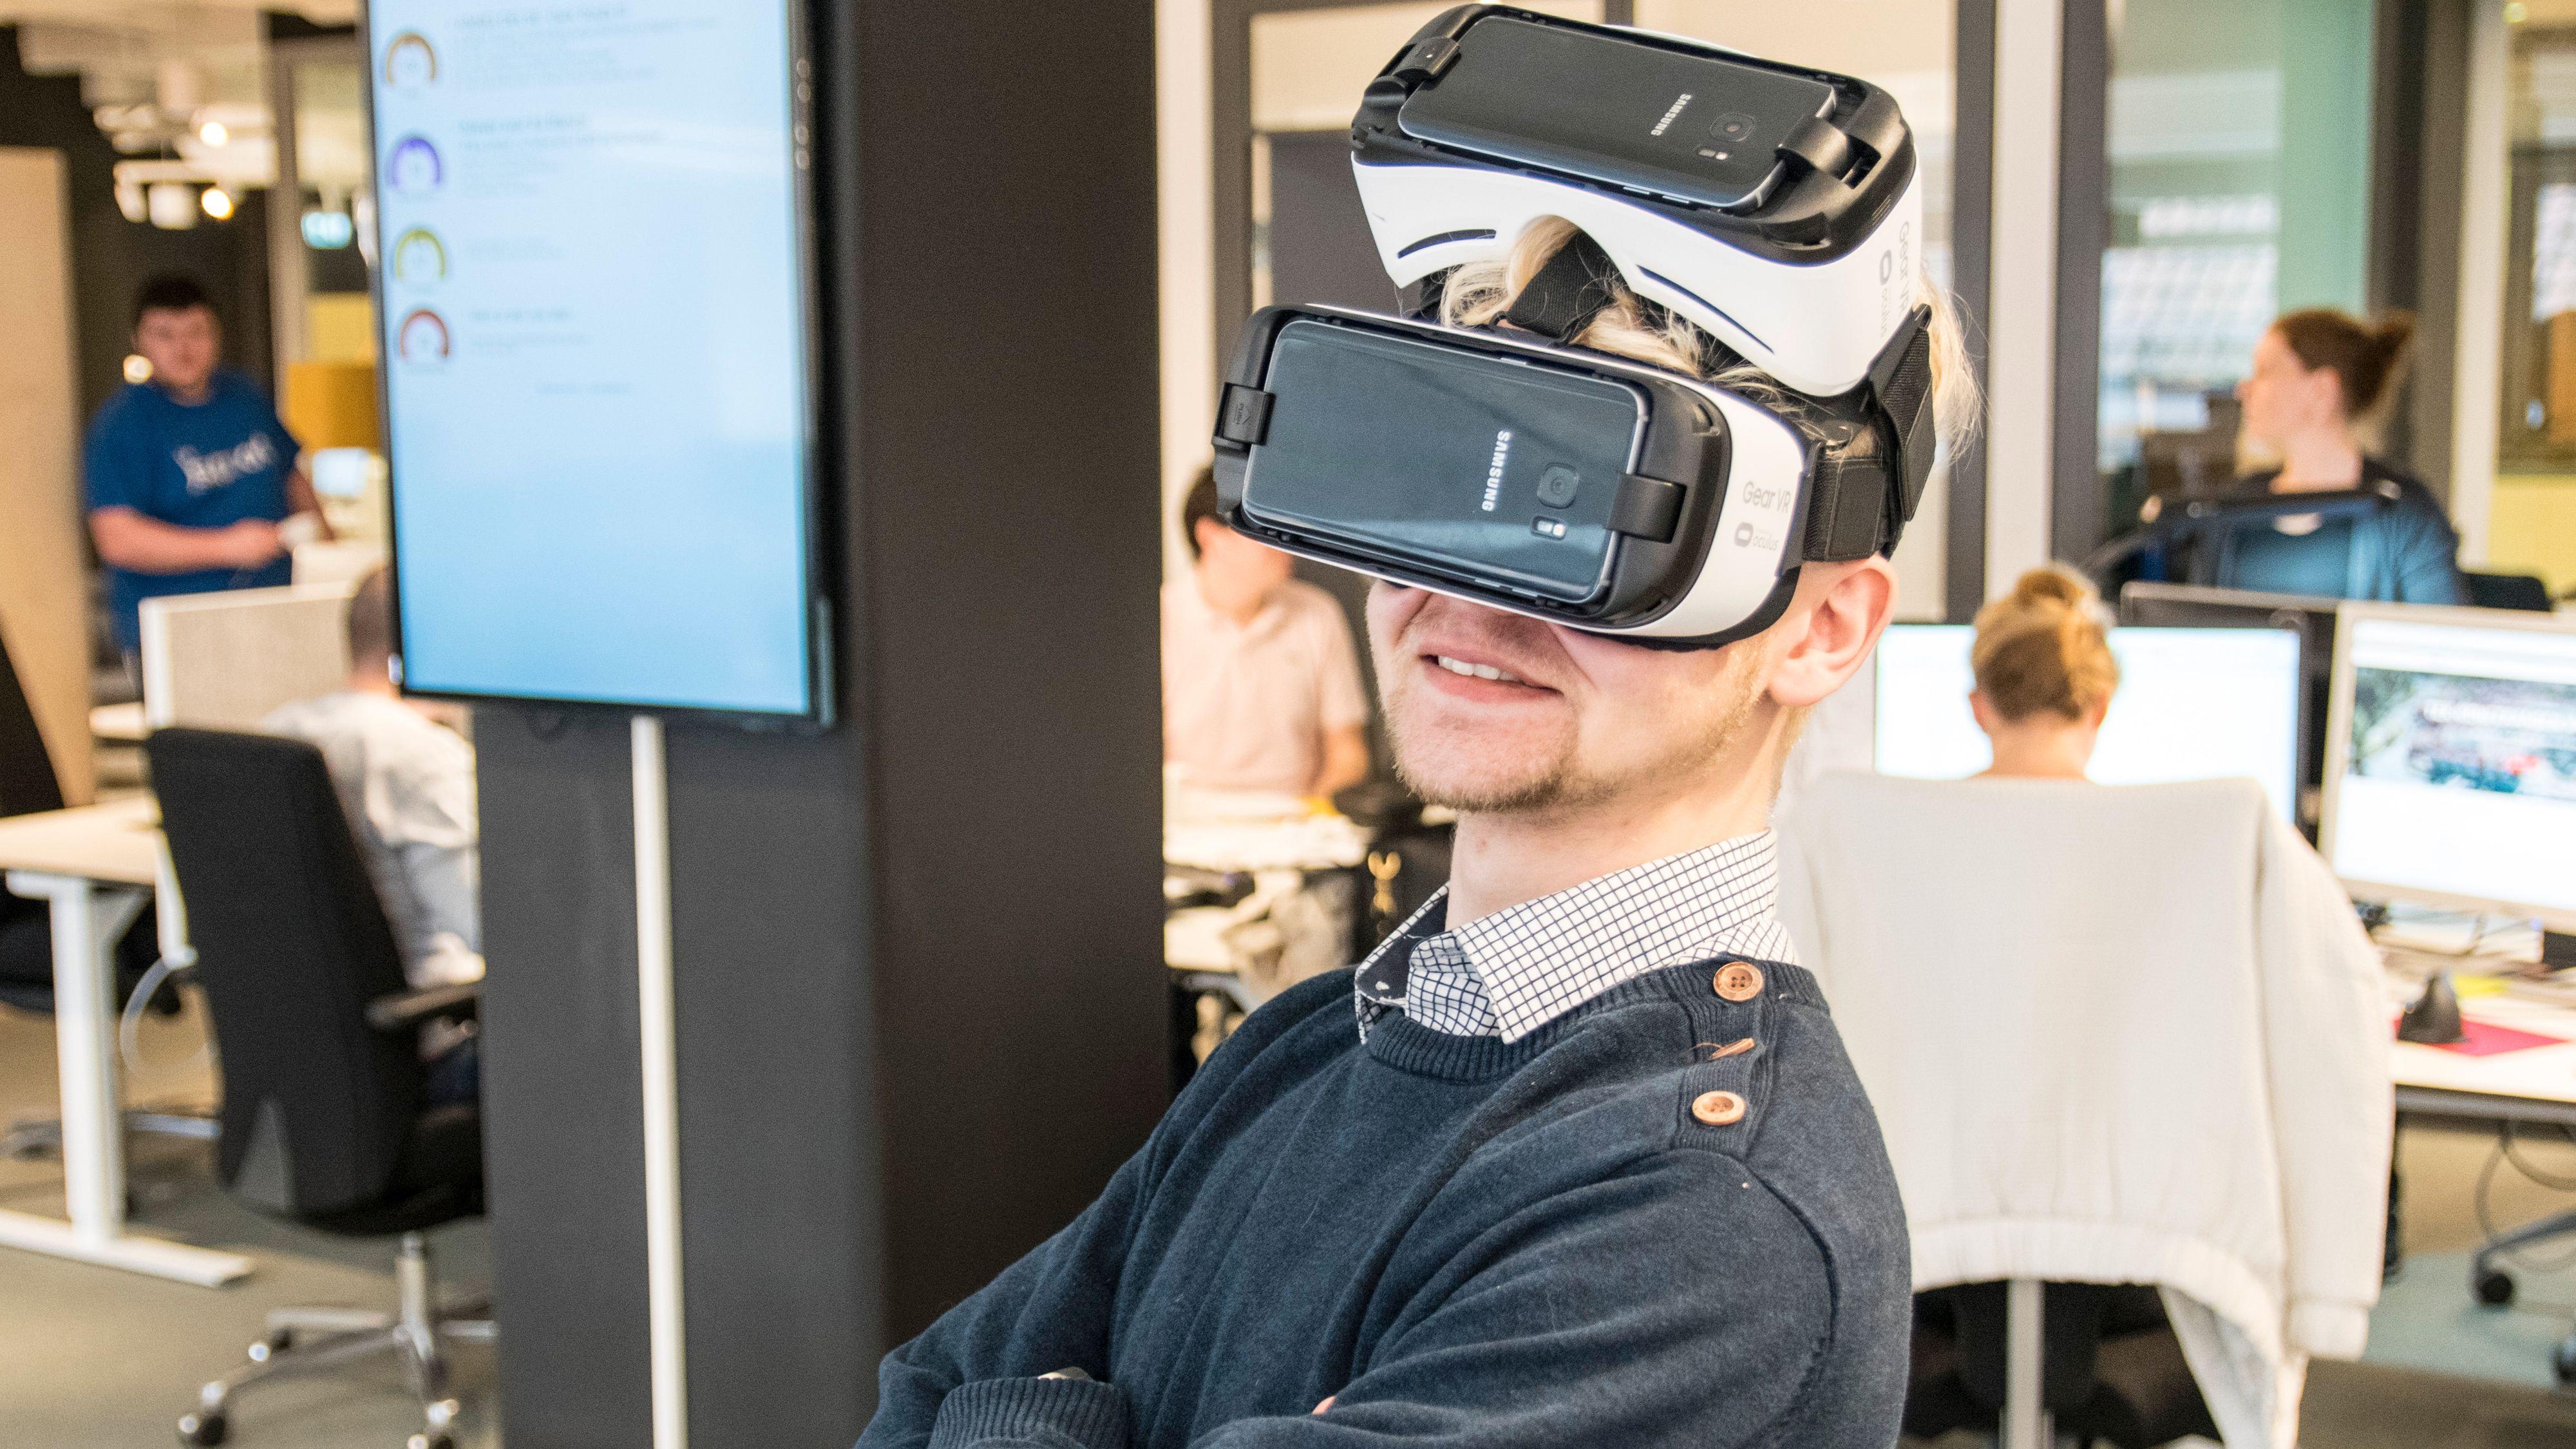 Er det forskjell på Galaxy S7 Edge og Galaxy S7 når de brukes i VR-briller?